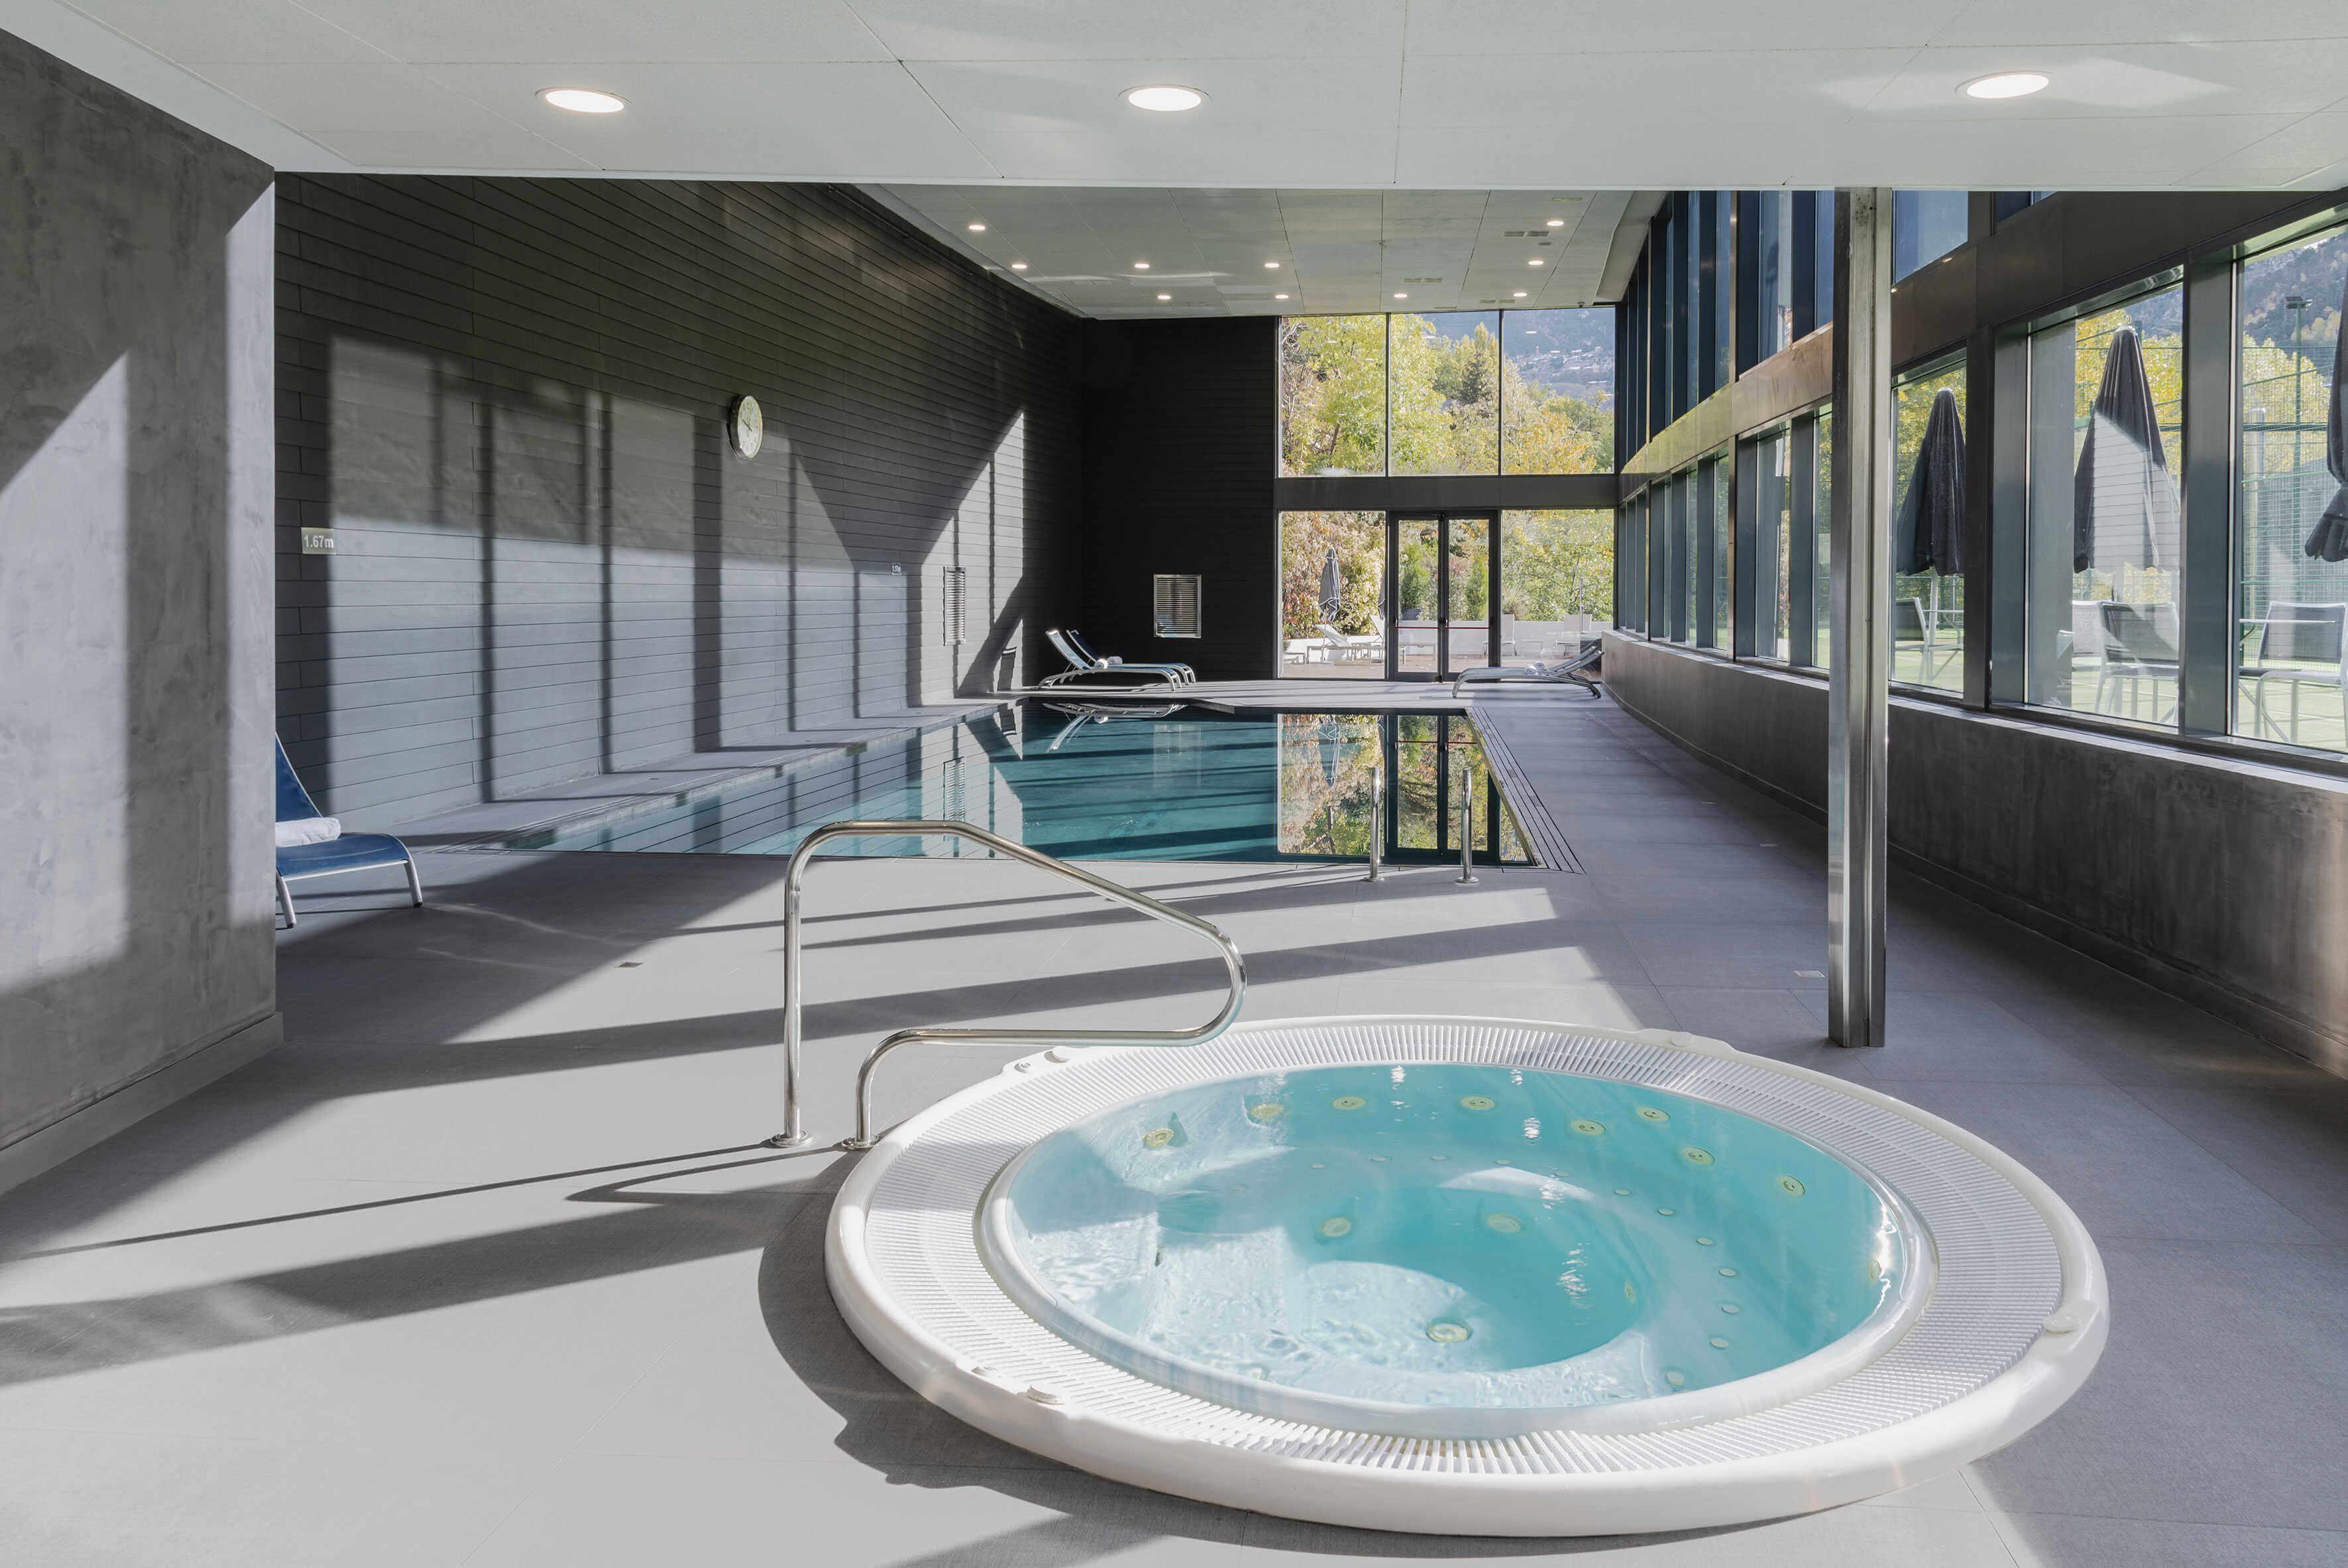 016 Neoart Andorraparkhotel | Hotel Andorra Park Hotel Andorra La Vella, Andorra